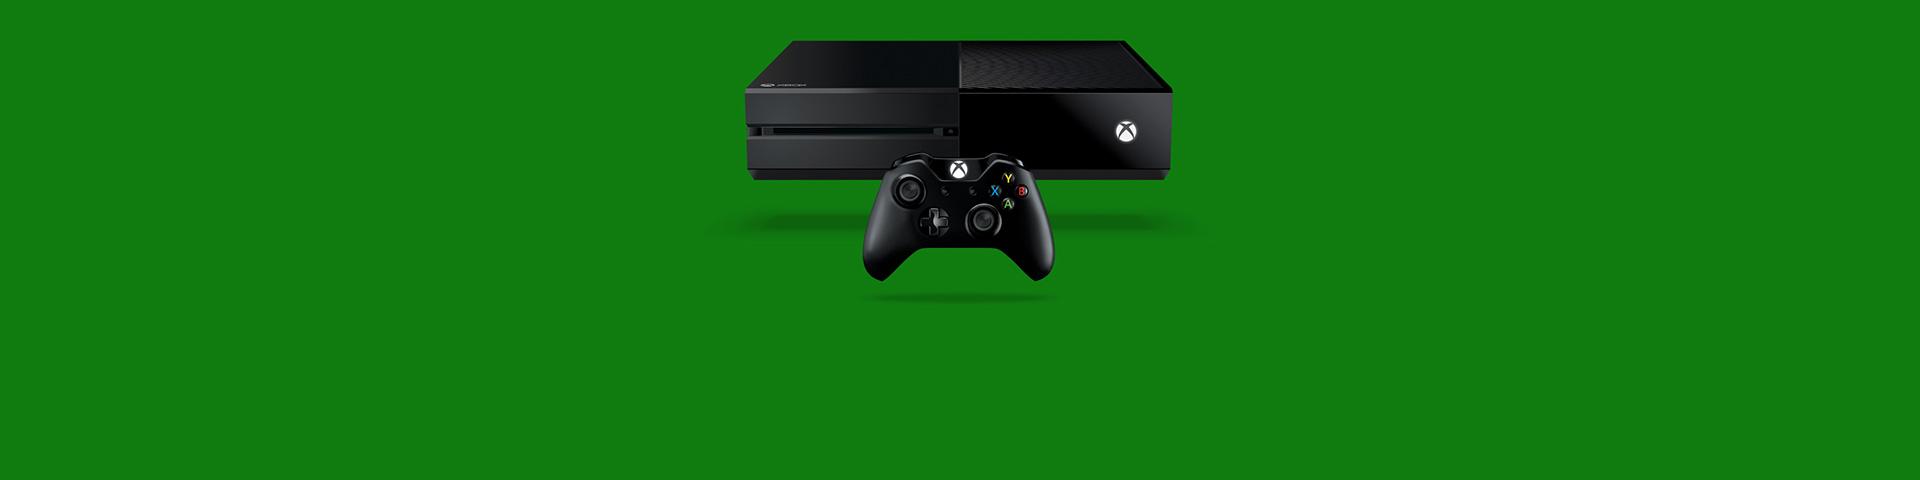 Console et manette Xbox One, acheter les dernières consoles